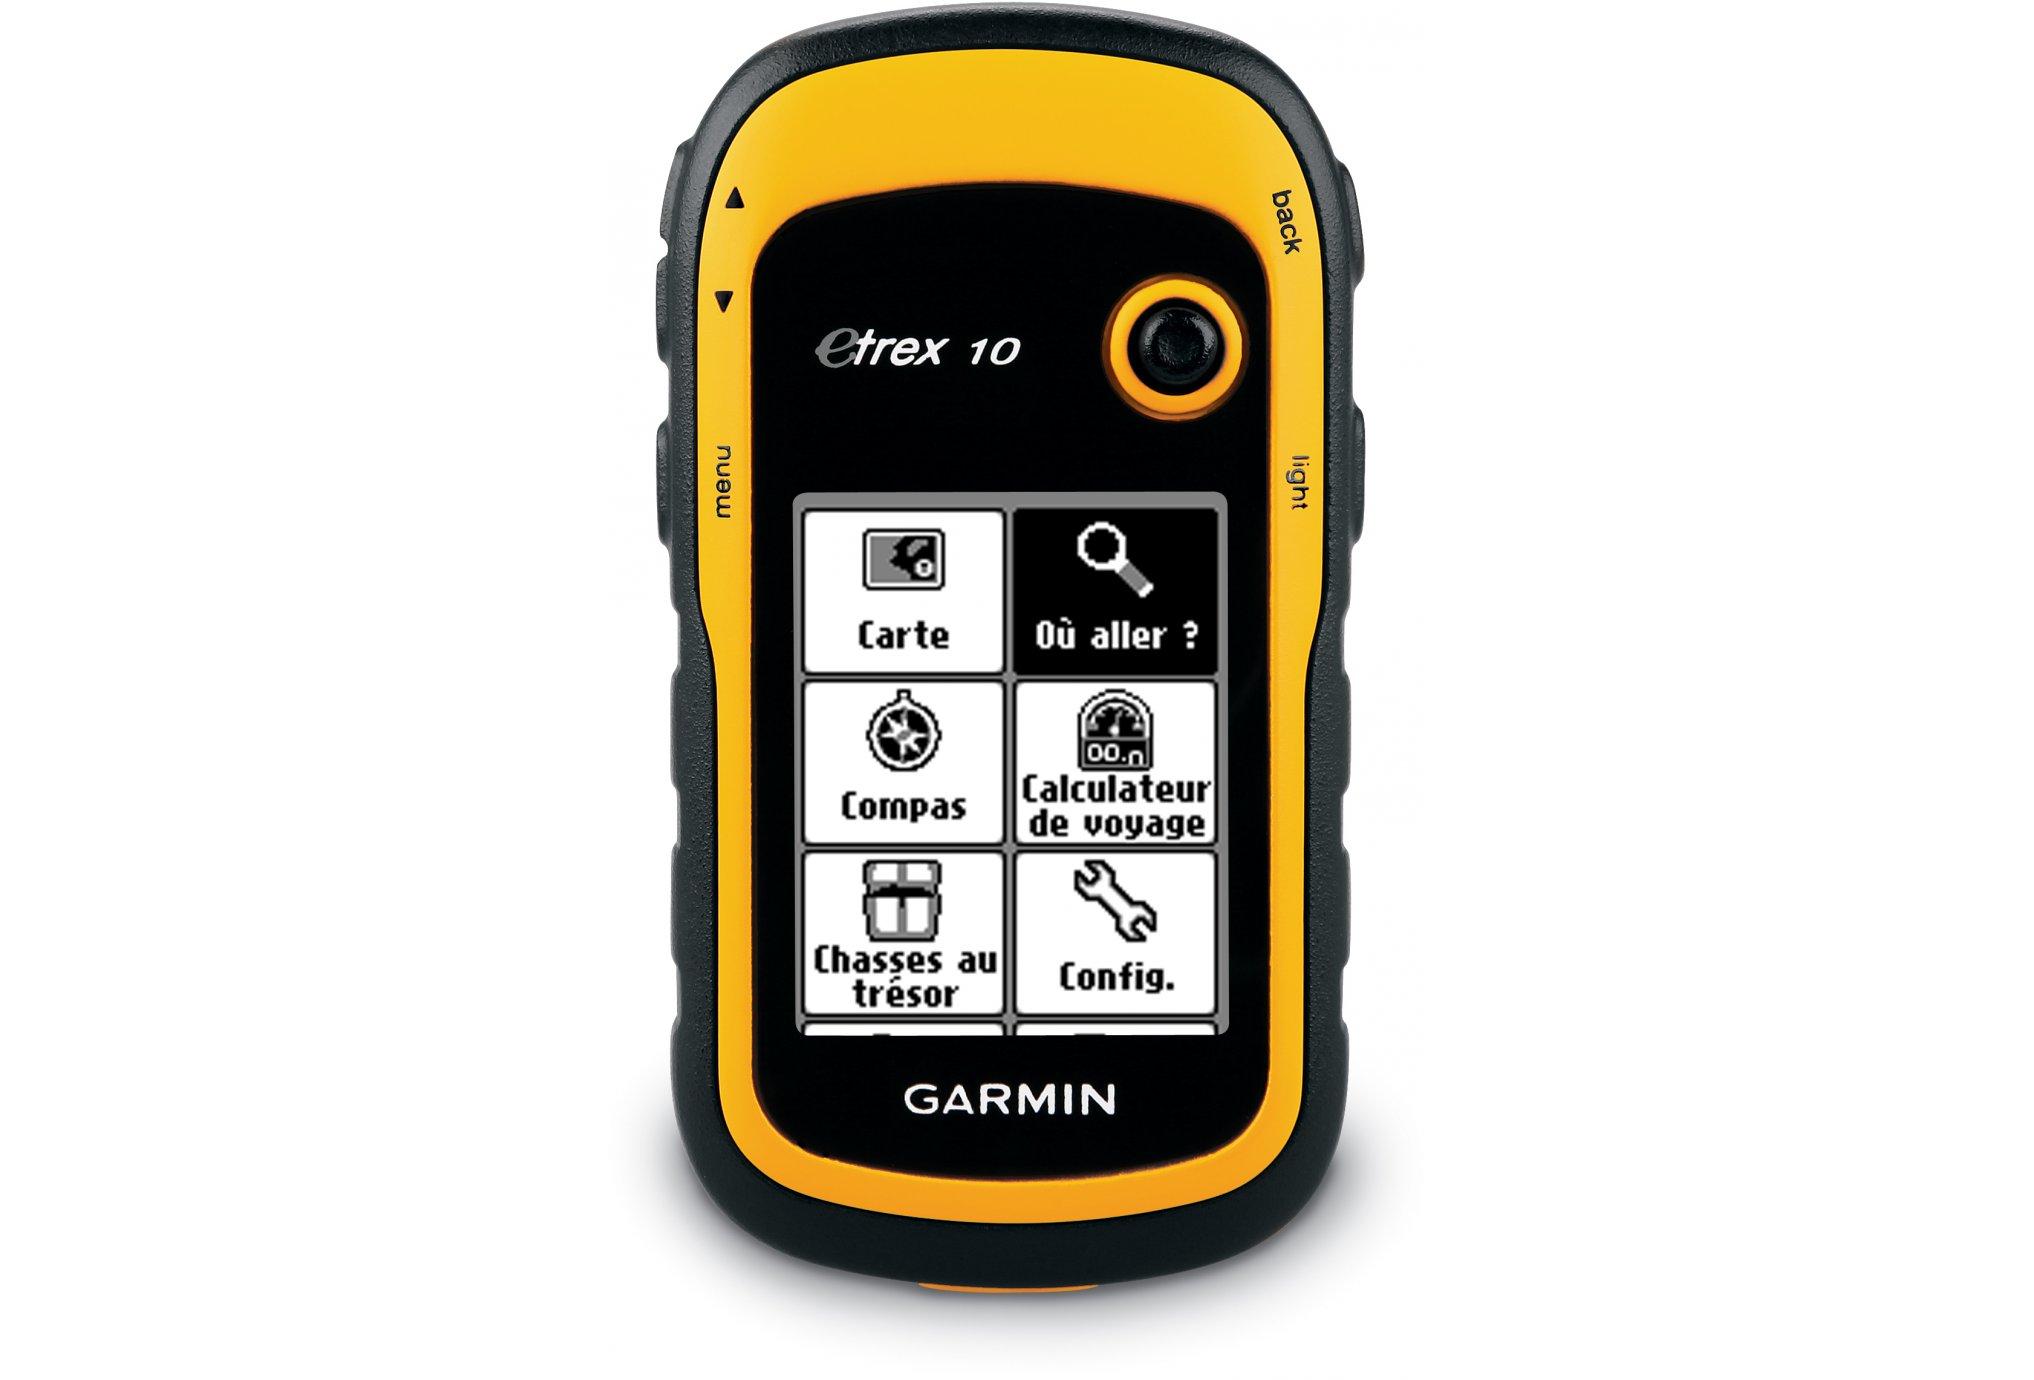 Garmin eTrex 10 GPS randonnée